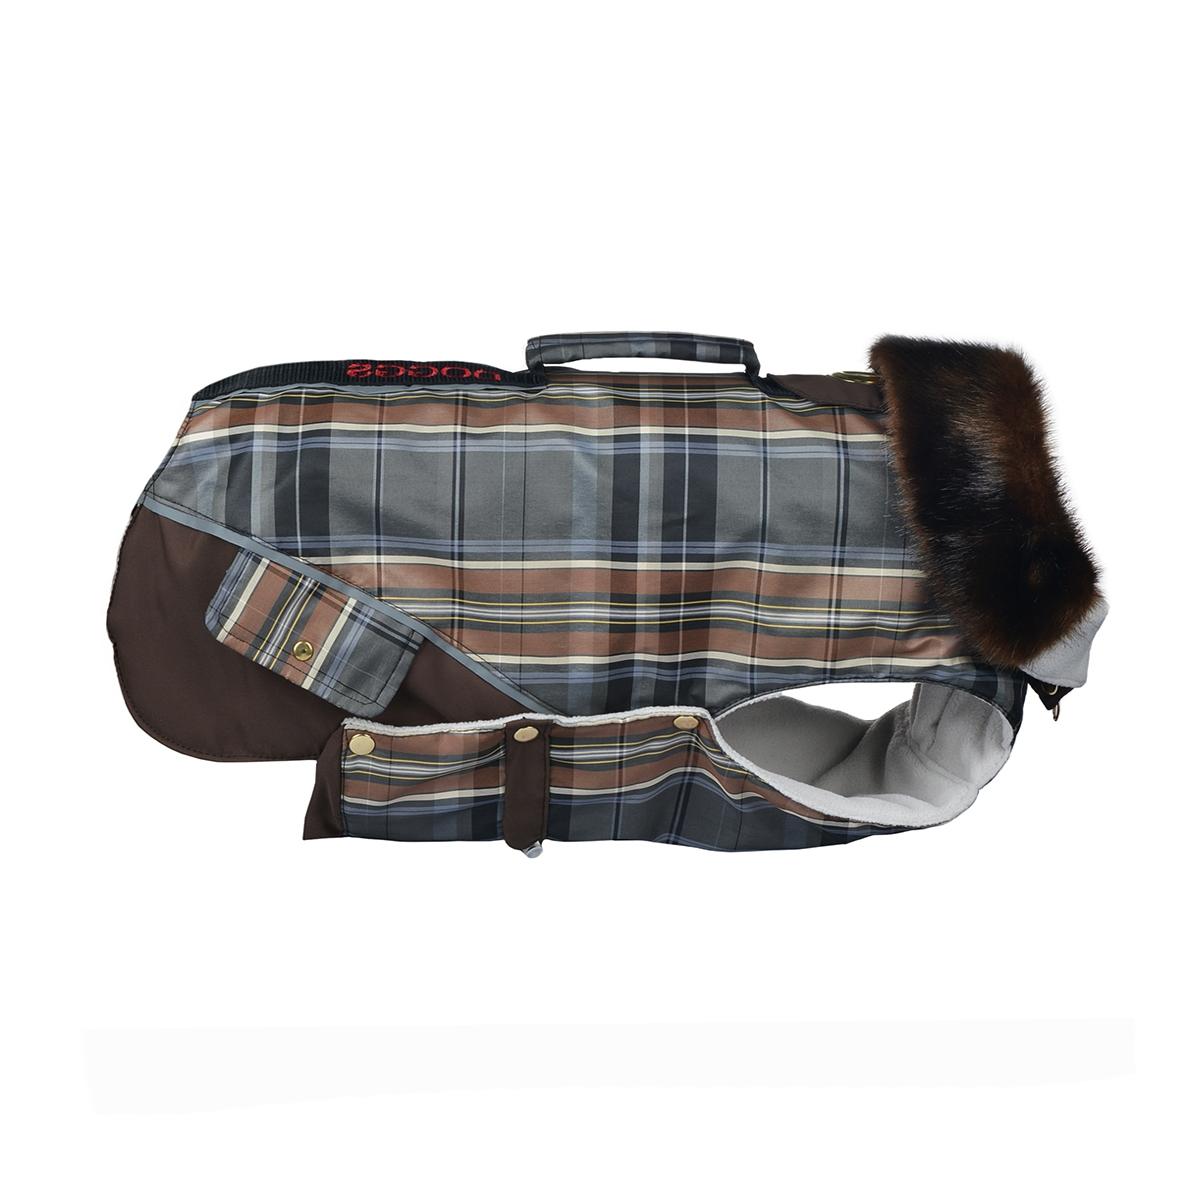 Попона для собак Dogmoda Doggs, для девочки, цвет: коричневый. Размер LDM-140549_коричневаяТеплая попона для собак Dogmoda Doggs отлично подойдет для прогулок в холодное время года. Попона изготовлена из водоотталкивающего полиэстера, защищающего от ветра и осадков. Синтепоновый утеплитель сохранит тепло даже в сильные морозы и обеспечит уют во время зимних прогулок. На подкладке используется флис, который обеспечивает воздухообмен. Попона не имеет рукавов, поэтому не ограничивает свободу движений, и собака будет чувствовать себя в ней комфортно. Стильный меховой воротник-стойка на молнии всегда будет обращать на себя восторженное внимание других владельцев собак. Модель застегивается на кнопки. На животе попона затягивается на шнурок-кулиску с зажимом. Спинка декорирована вышитой надписью Doggs, оснащена светоотражающими элементами и ручкой. Модель снабжена непромокаемым карманом для размещения записки с информацией о вашем питомце, на случай если он потеряется. Благодаря такой попоне питомцу будет тепло и...